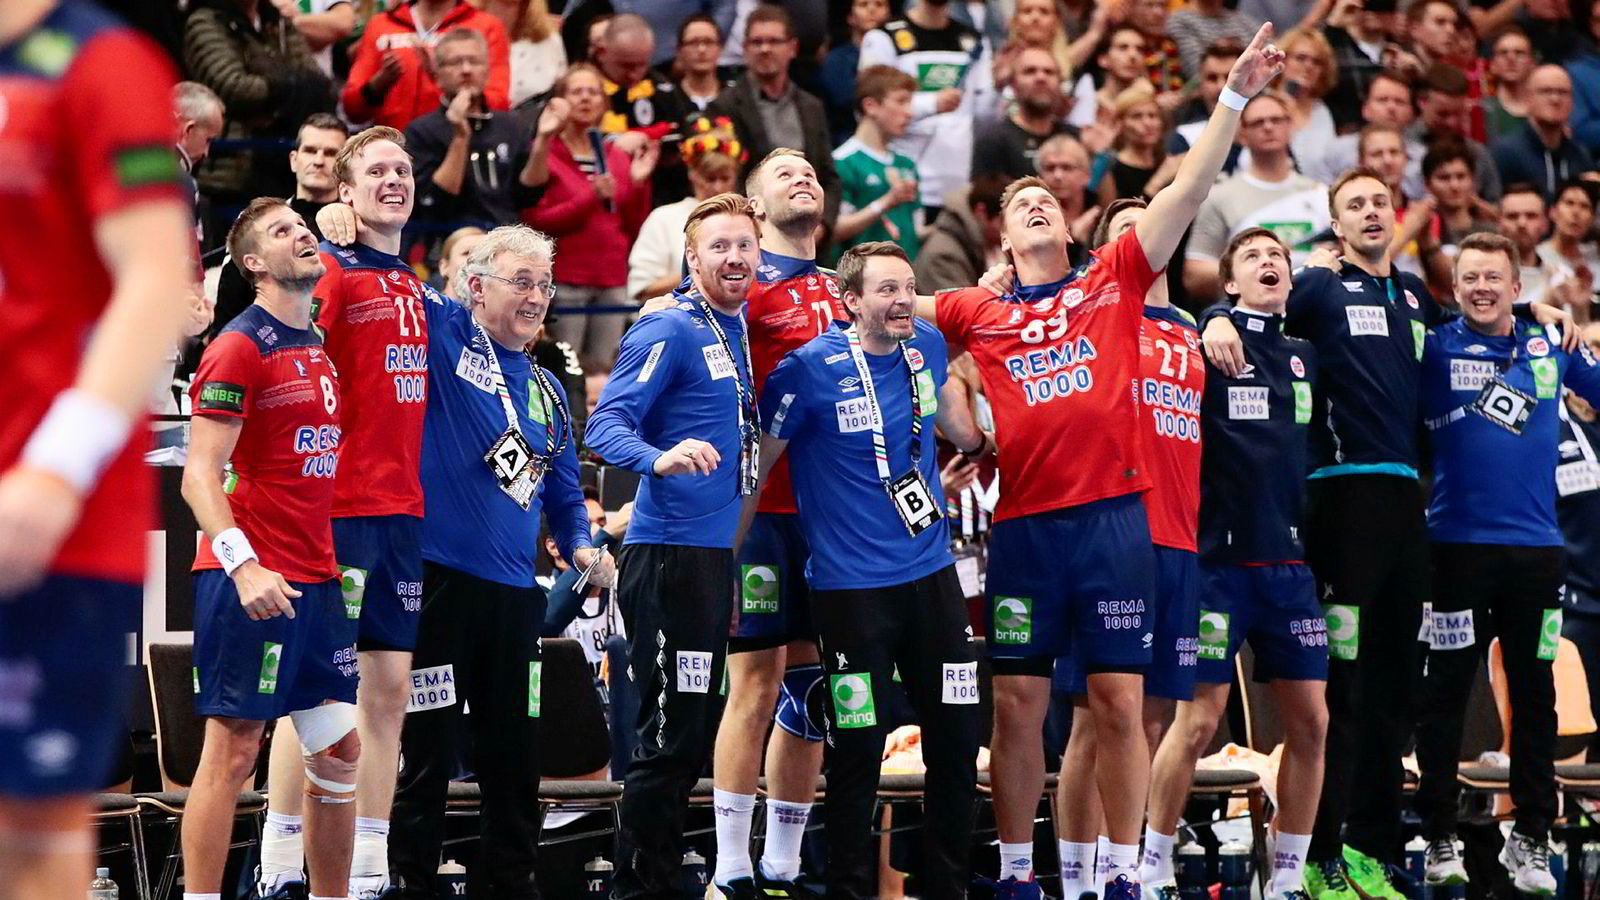 Norges landslag i håndball hadde mye å juble for etter seieren i semifinalen mot Tyskland fredag kveld. I finalen mot Danmark ble det derimot tøft.